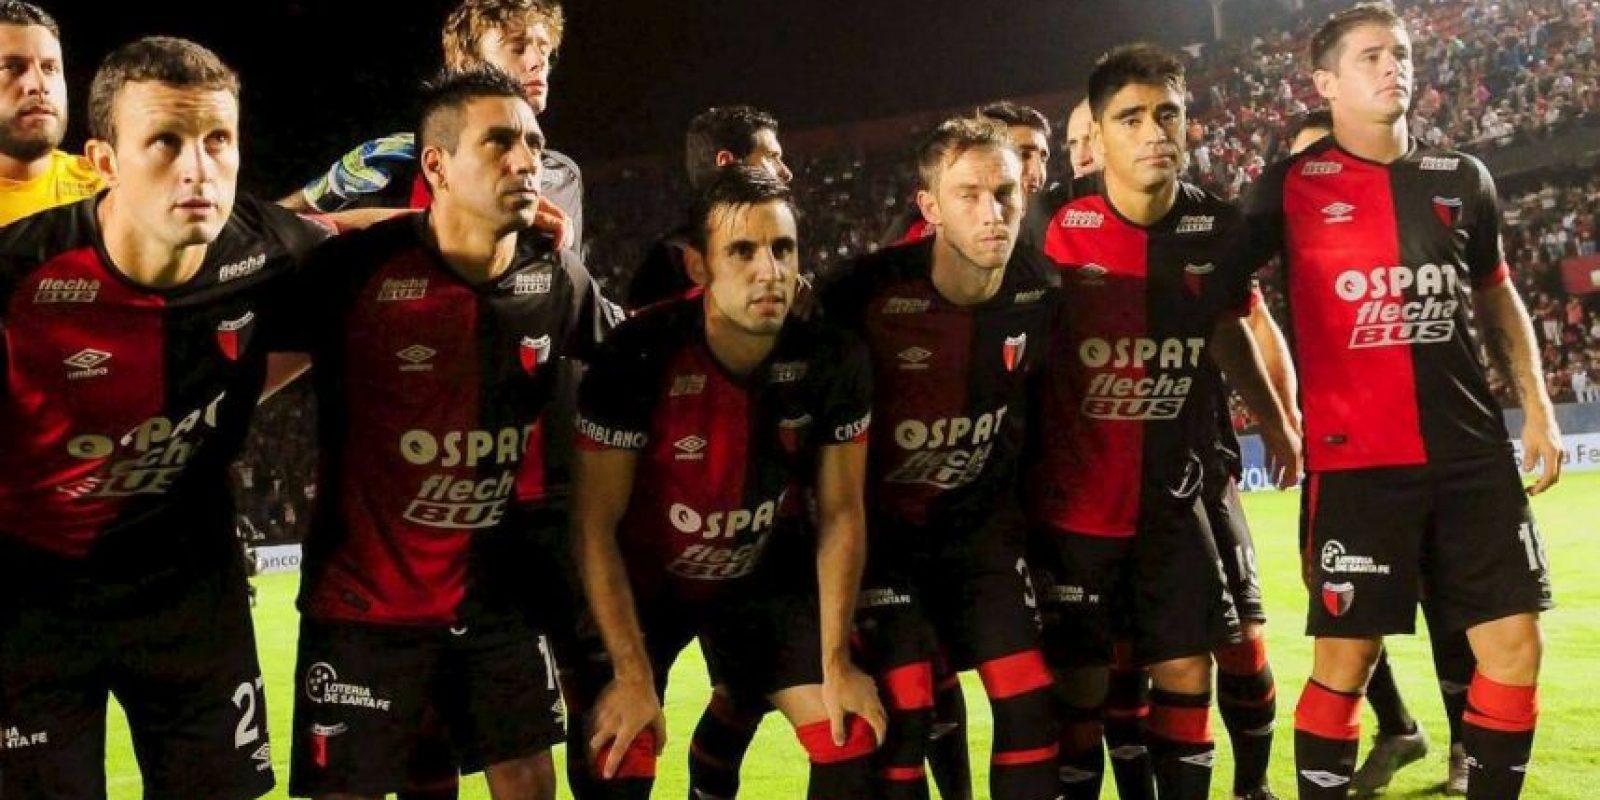 Este equipo, ubicado en la zona 2 del Torneo de Primera División de Argentina, es noveno lugar de la clasificación con 14 unidades. Foto:Vía facebook.com/ColonOficial